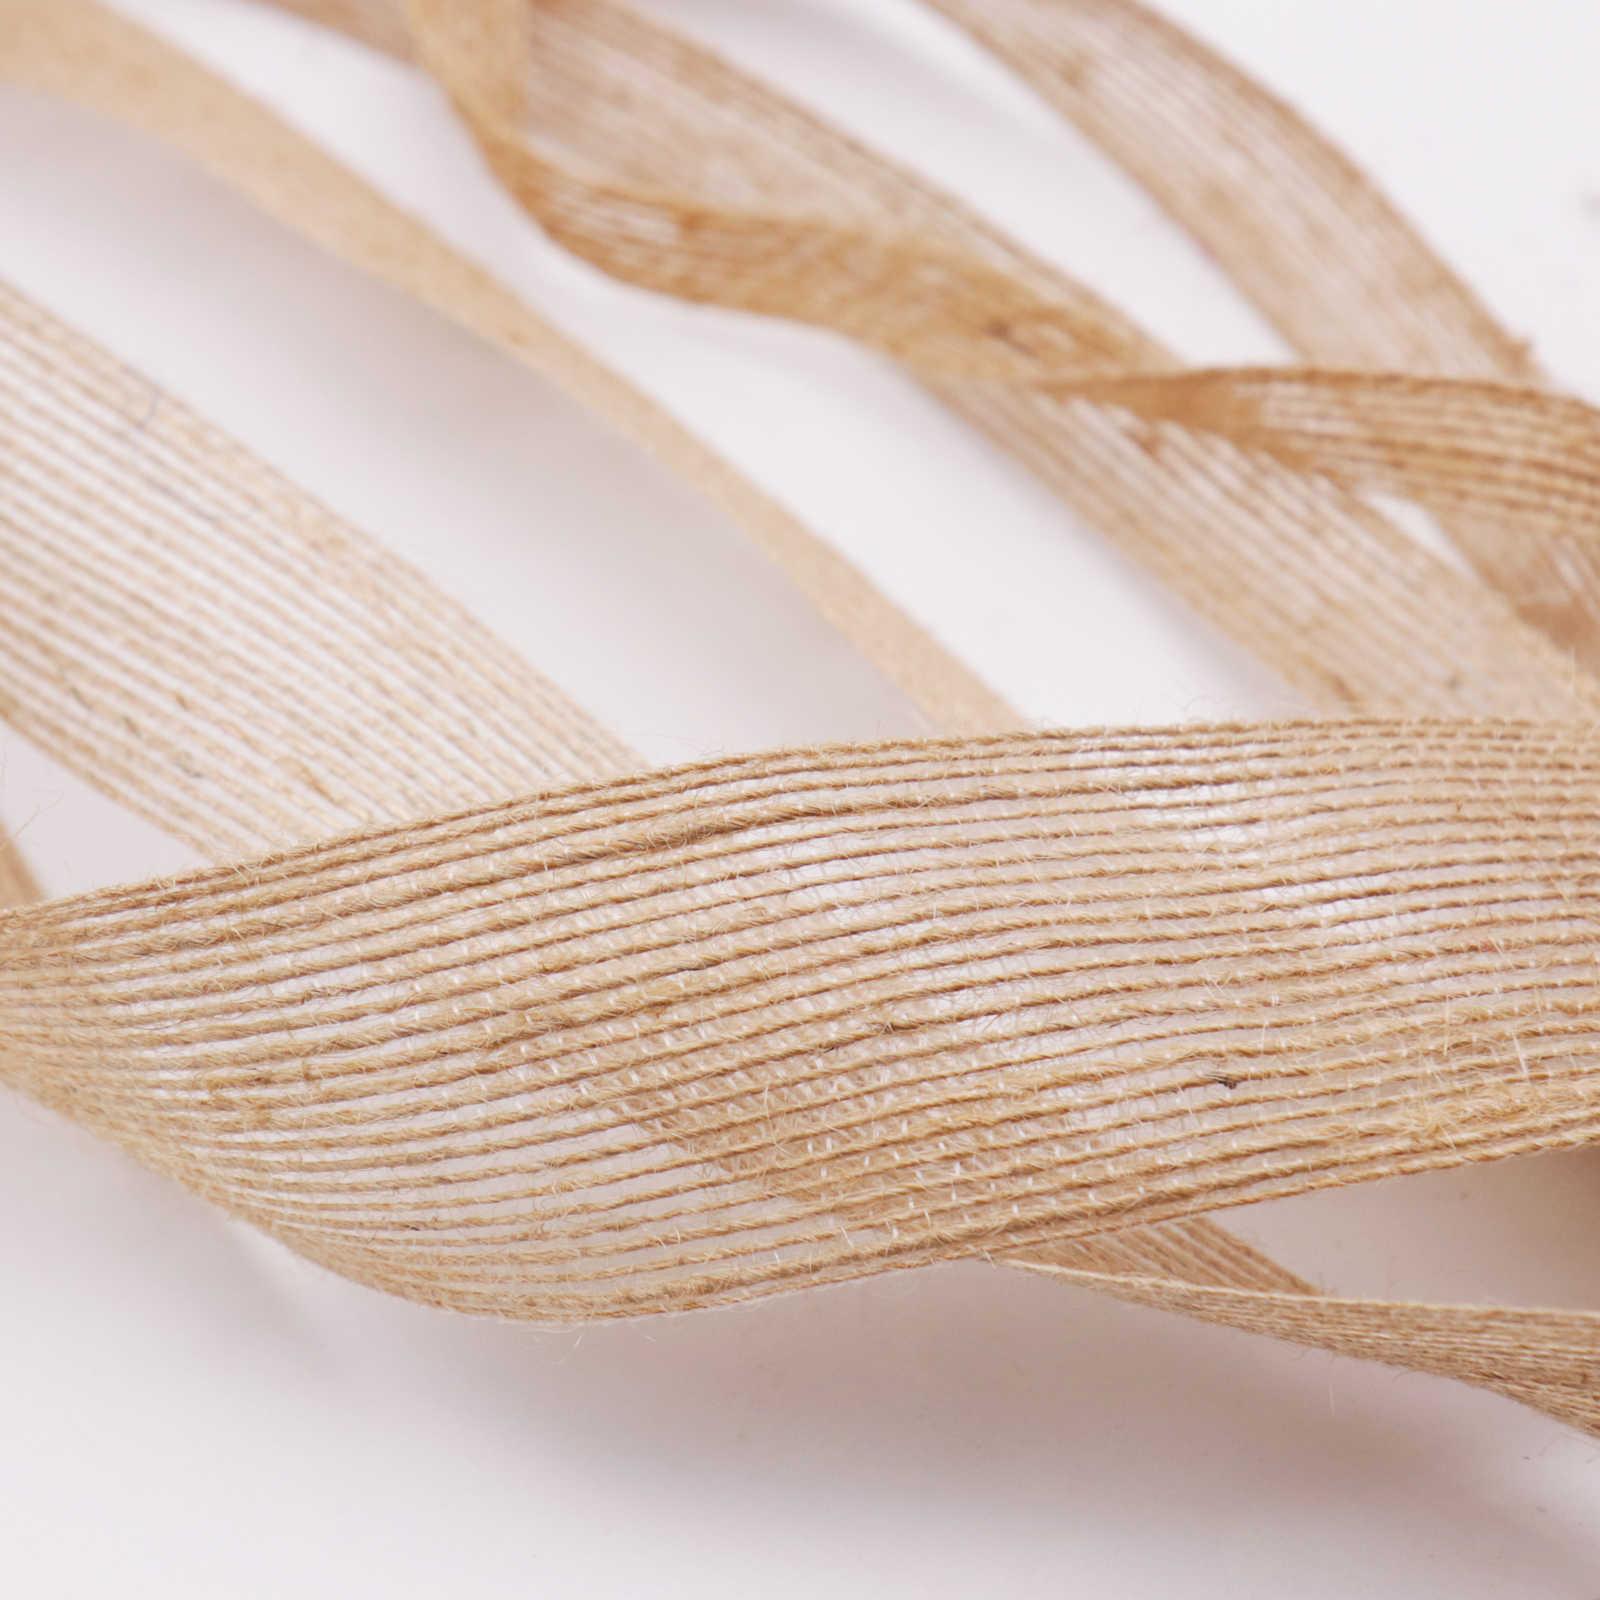 Ruy băng vải bố (bản rộng 2.5cm, chiều dài 05 mét)_RB38.1